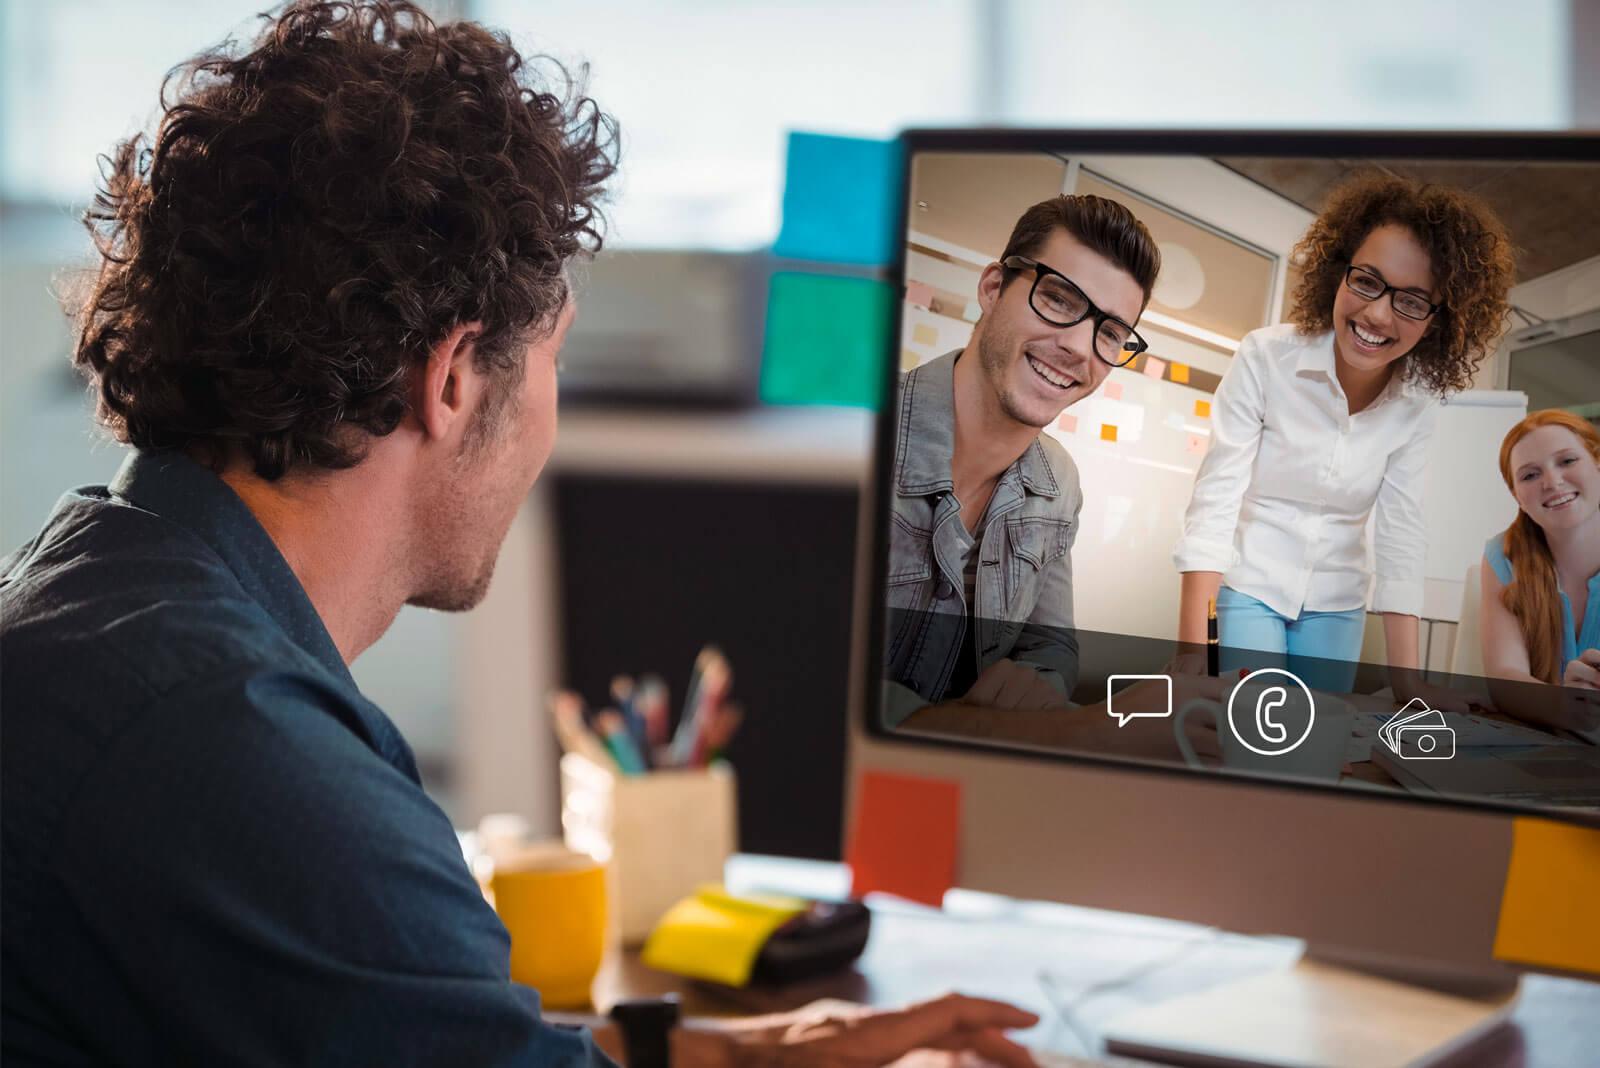 Tener éxito en la gestión de equipos virtuales